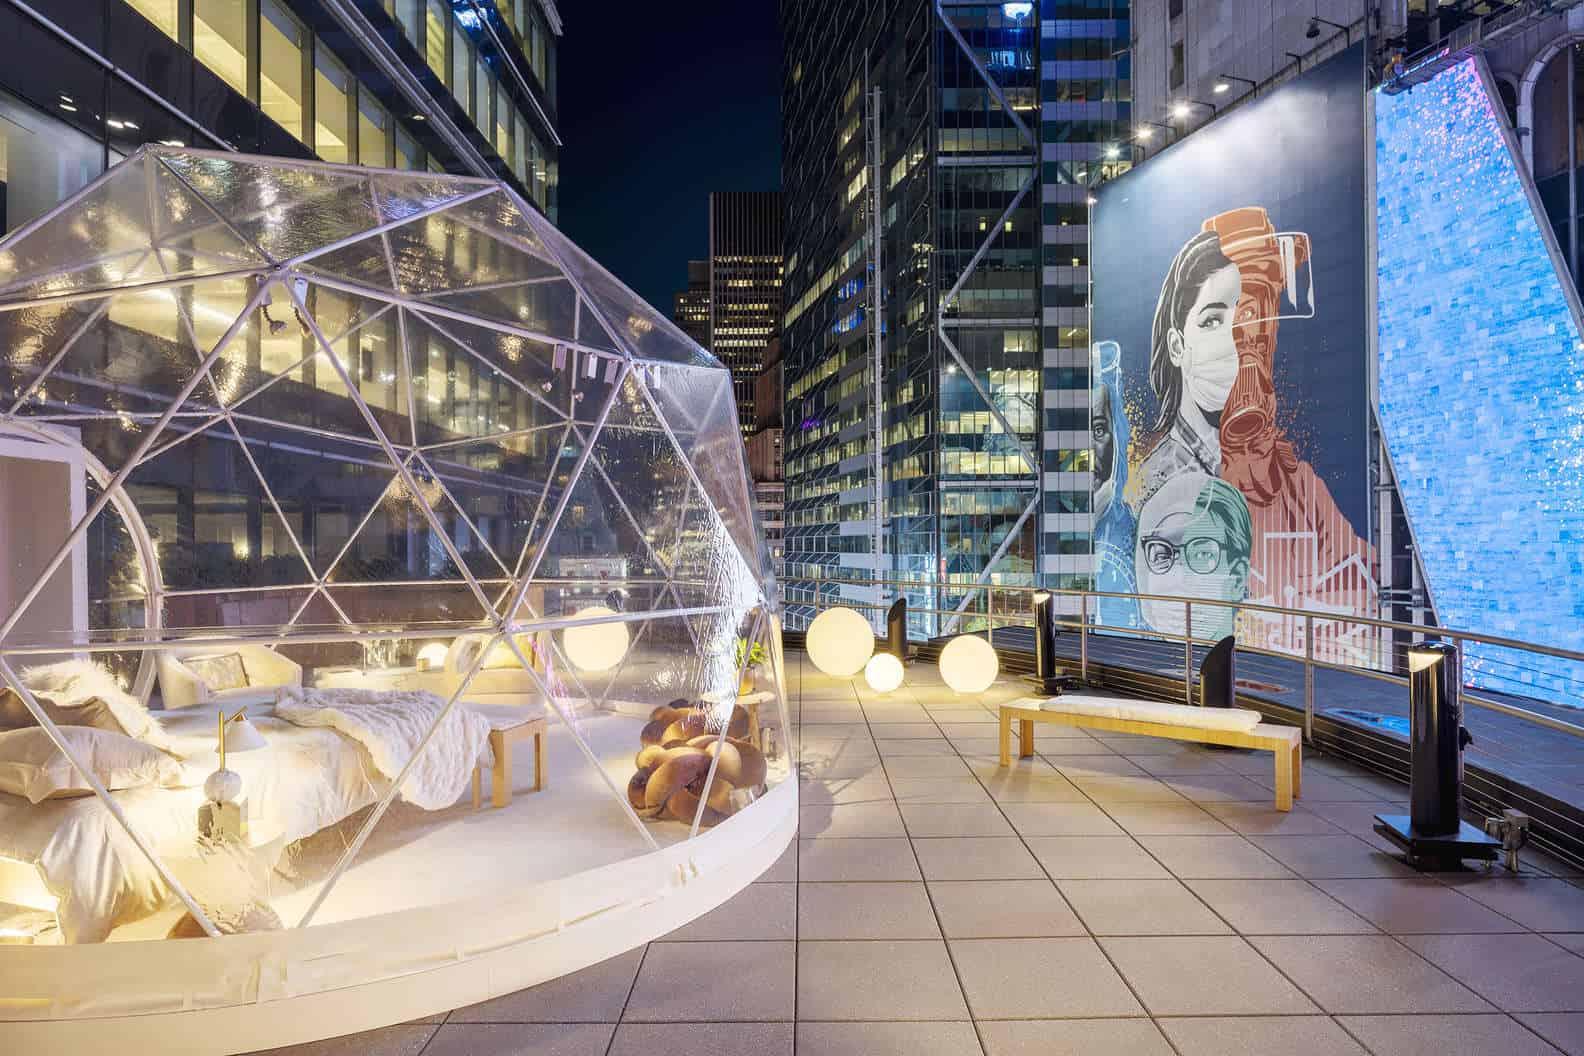 Dormir en una burbuja en Times Square es la nueva experiencia de Airbnb para las Fiestas que podría volverse furor el resto del año 4